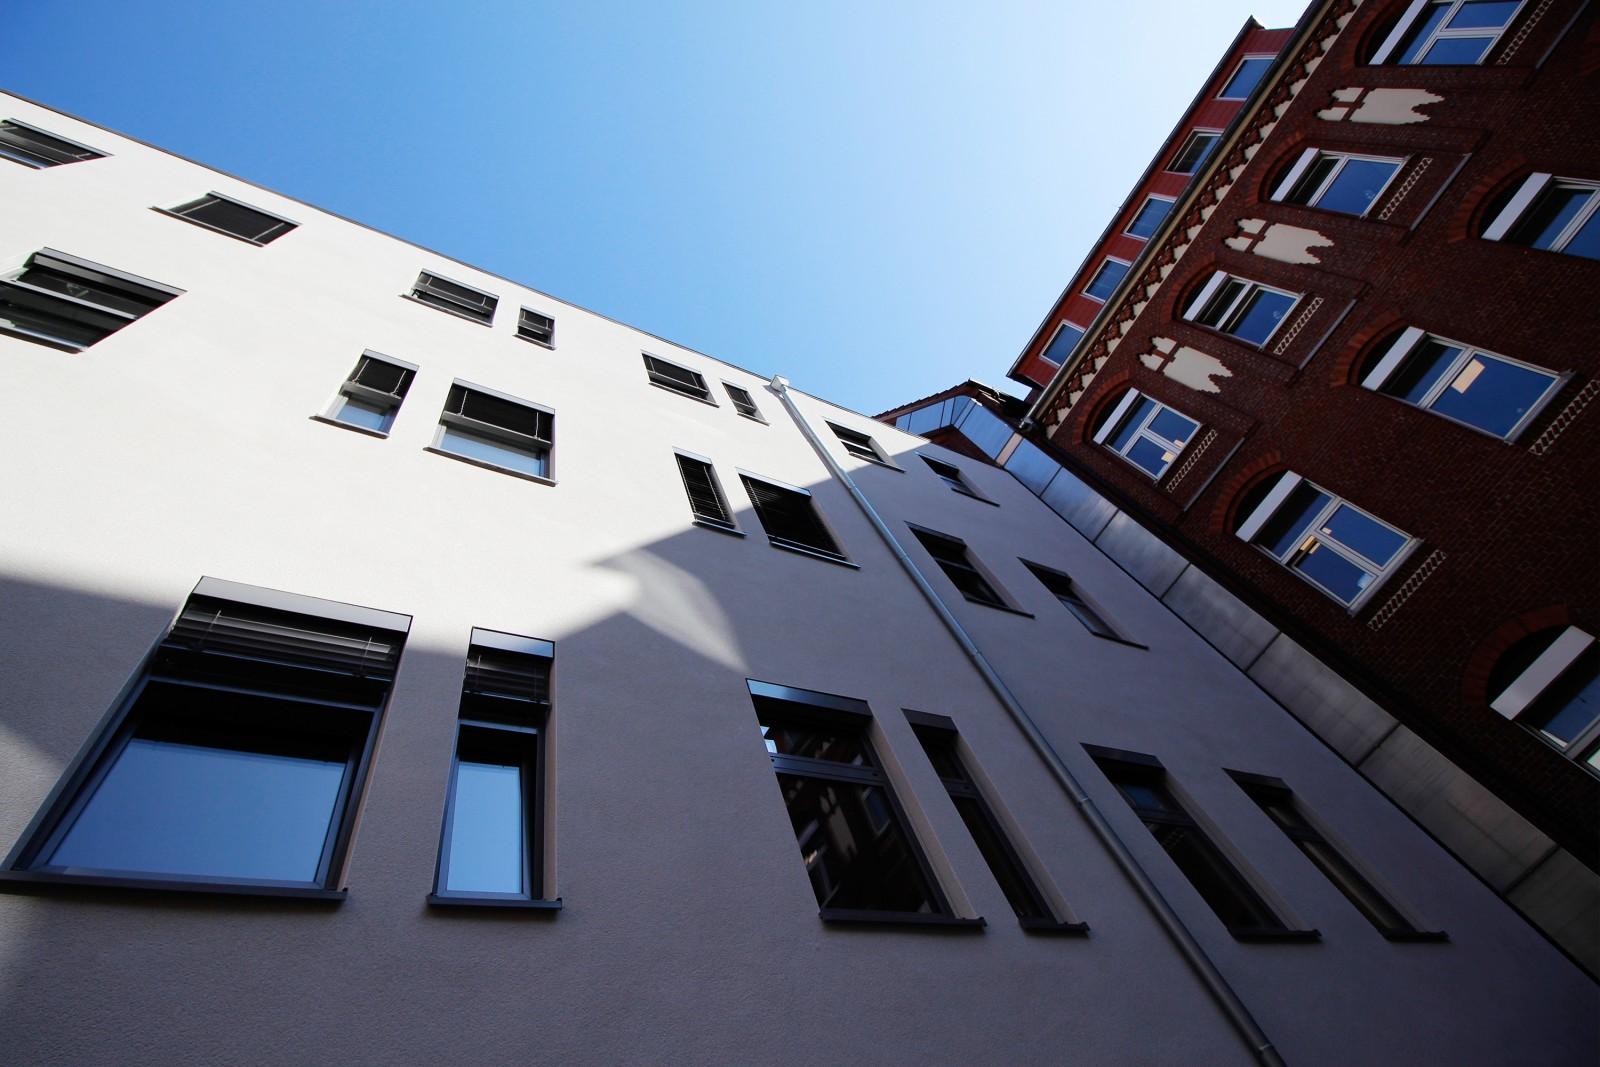 Hüttenhospital Umbau_IHS 2